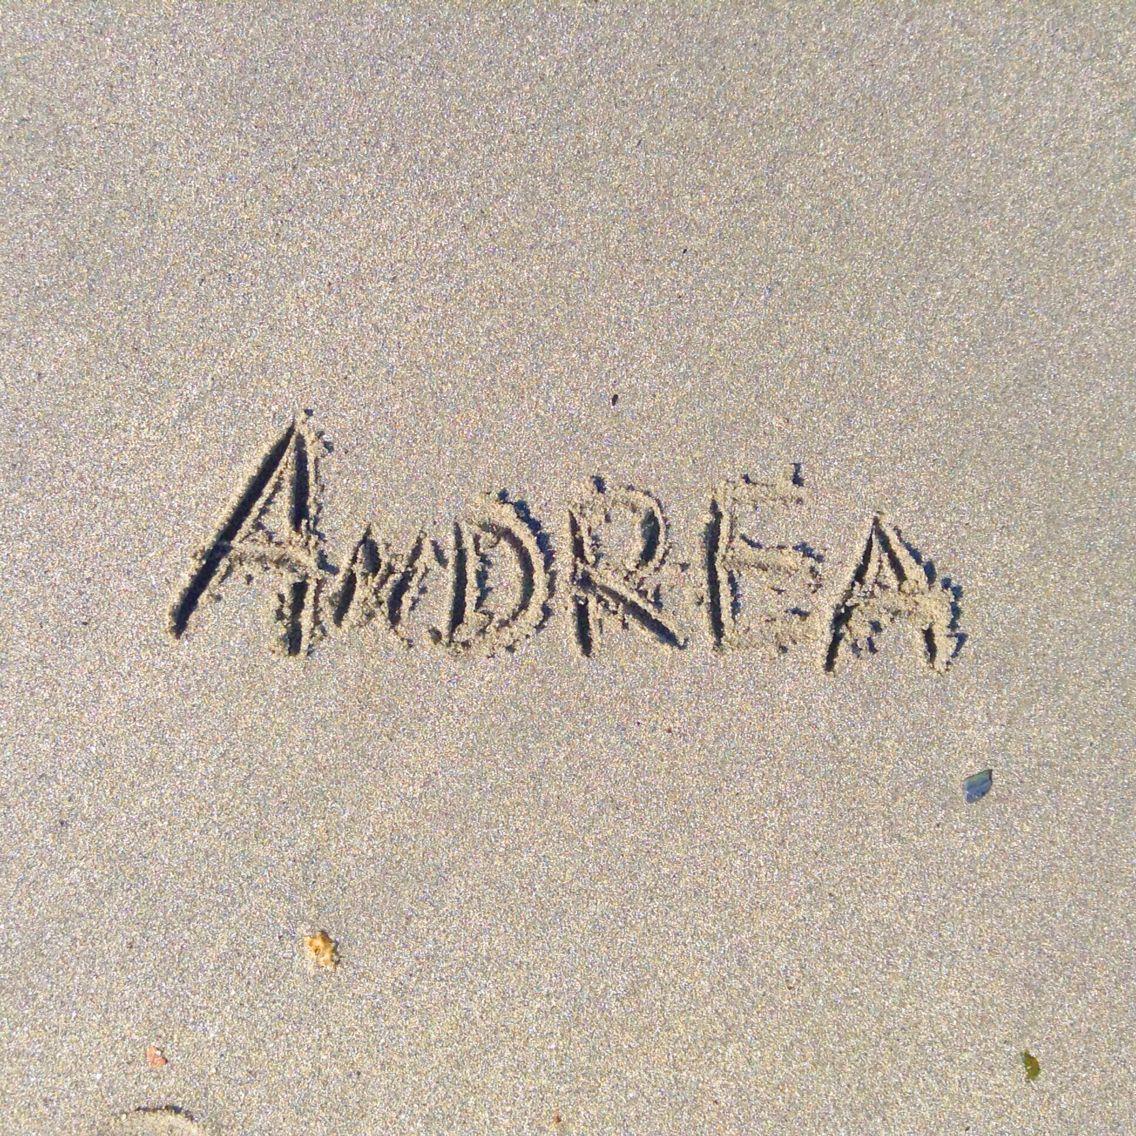 My Name Andrea Name Beach Significados De Los Nombres Naturaleza Fotos Como Tomarse Fotos Tumblr